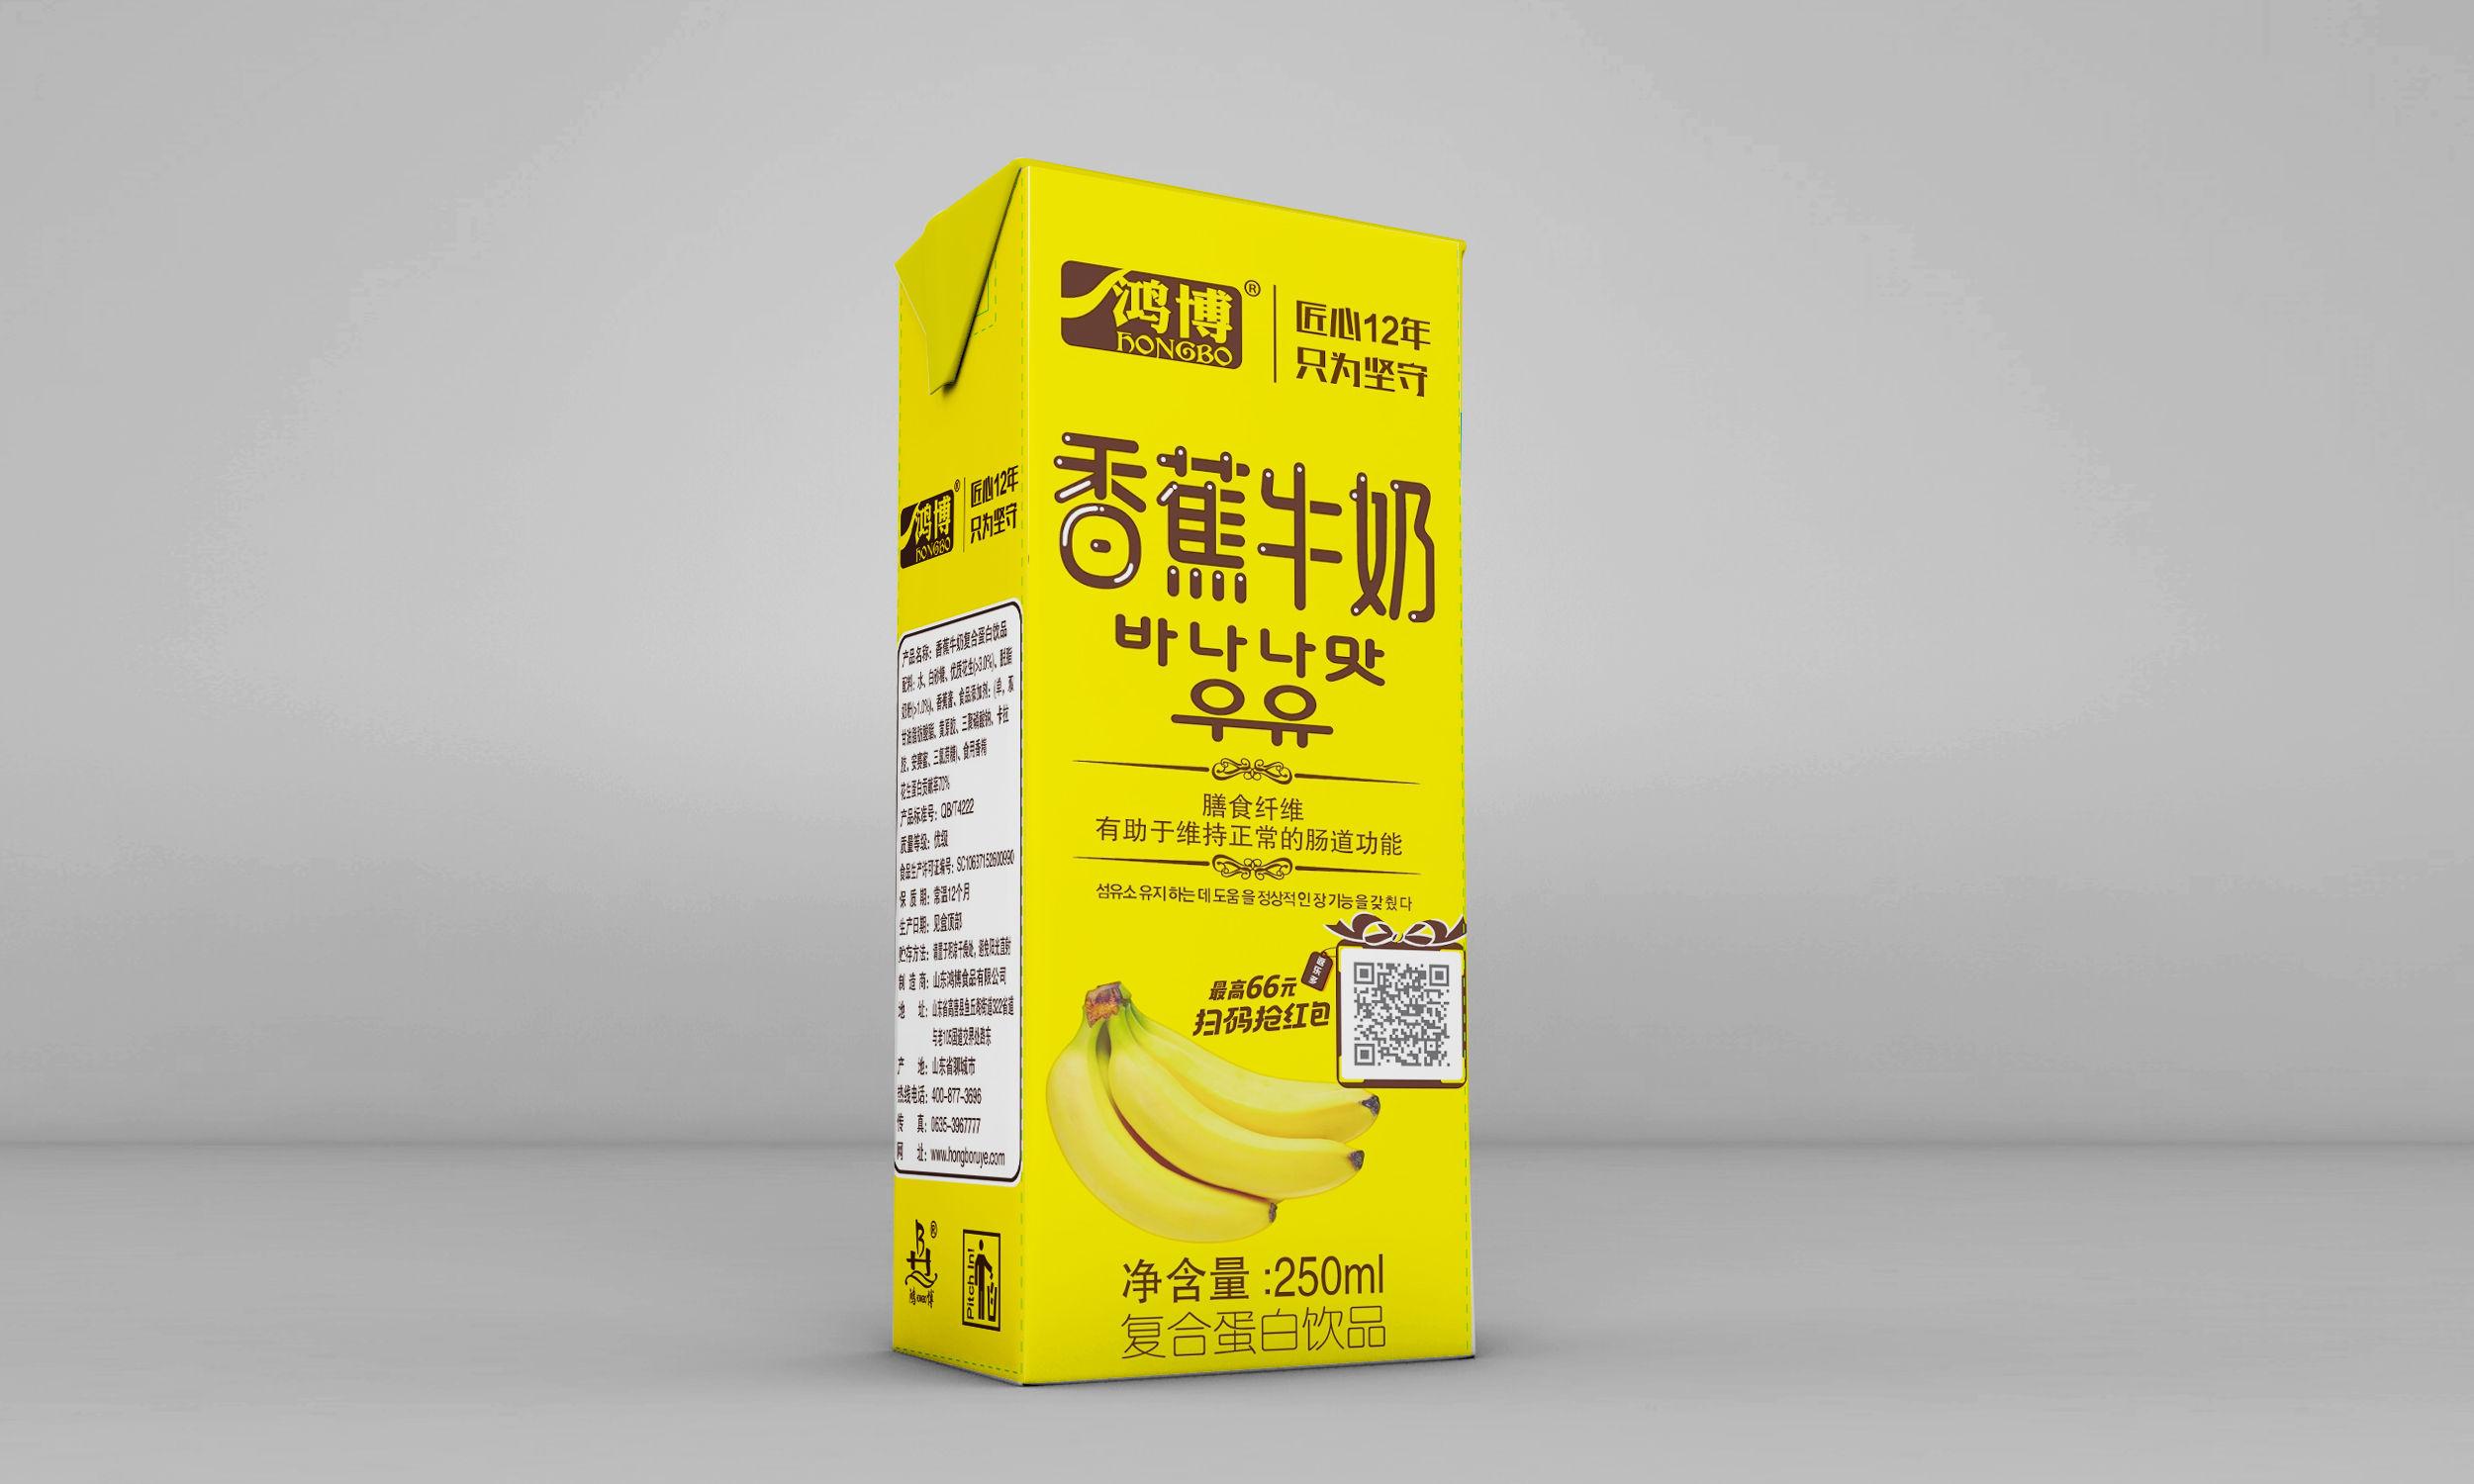 利�反u 香蕉牛奶�S家火爆招商中